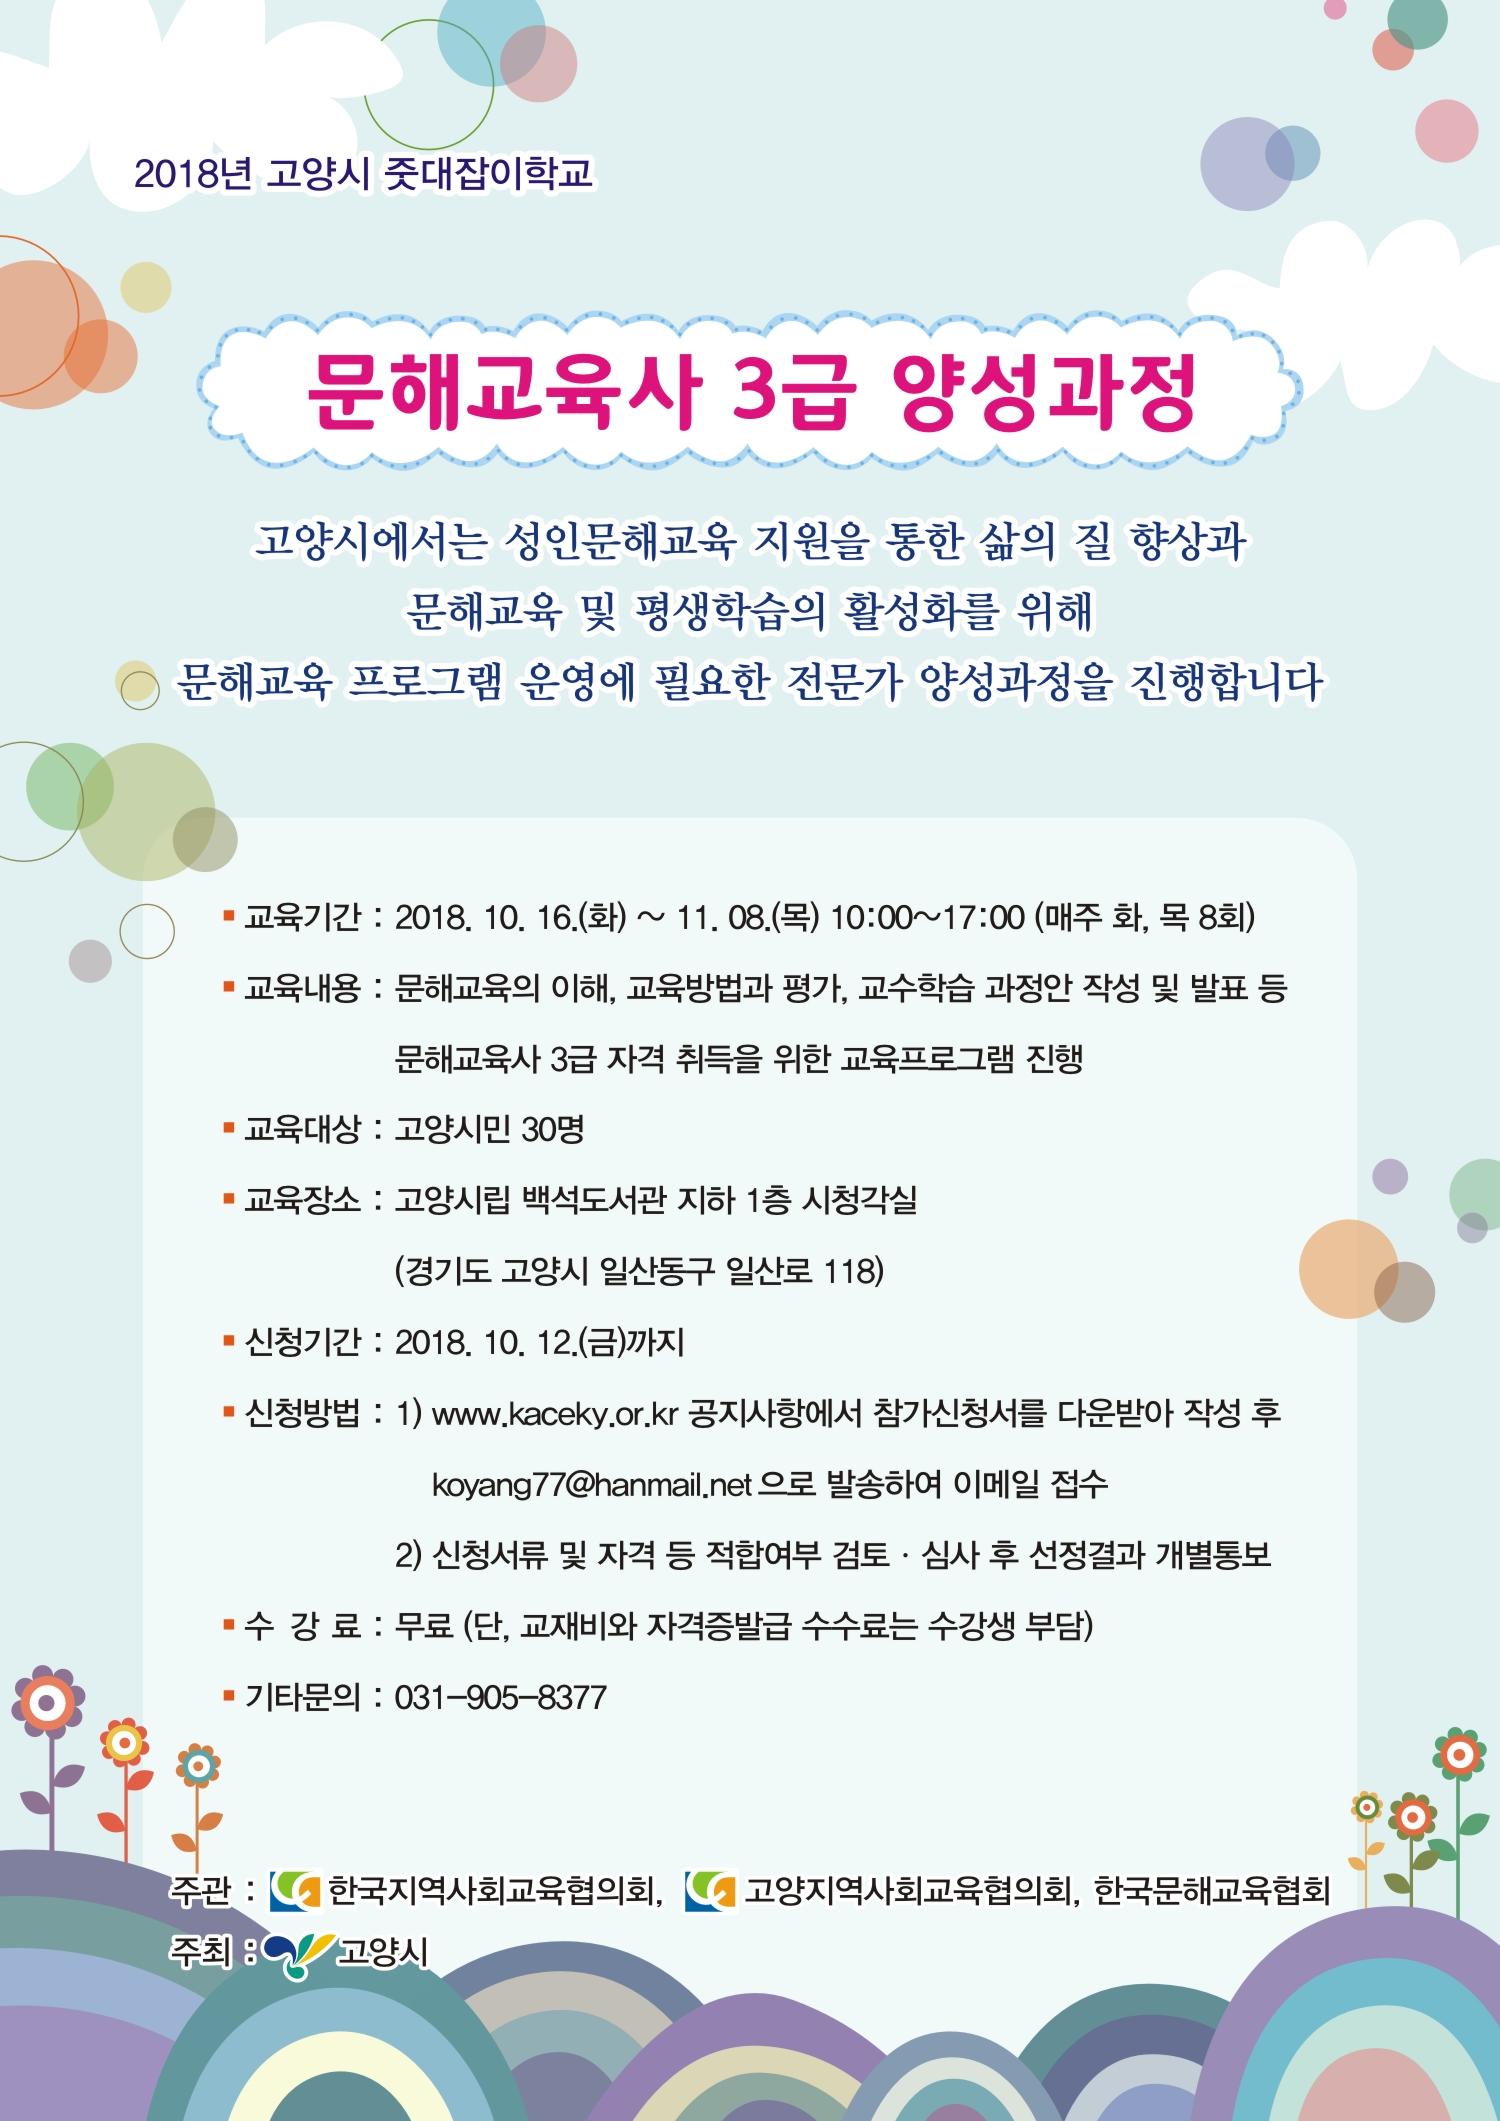 ★ 문해교육사 3급 양성과정.jpg